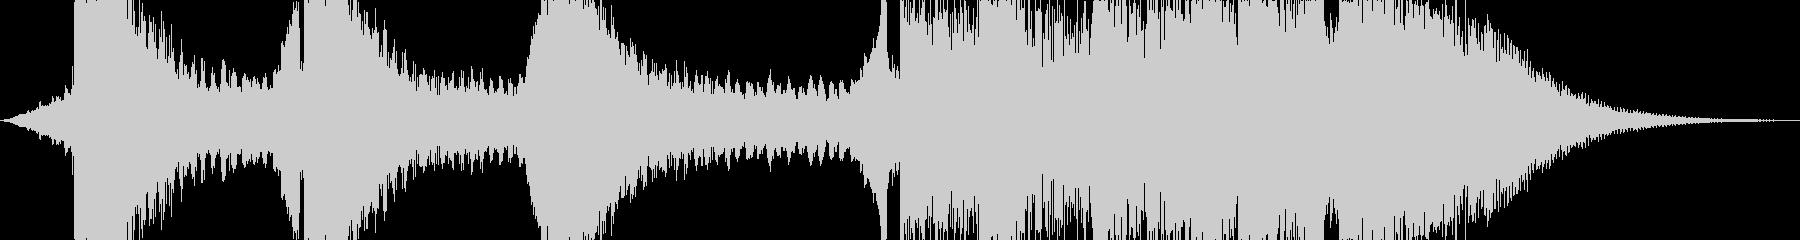 サイファイのダークでSF的な衝撃音2の未再生の波形